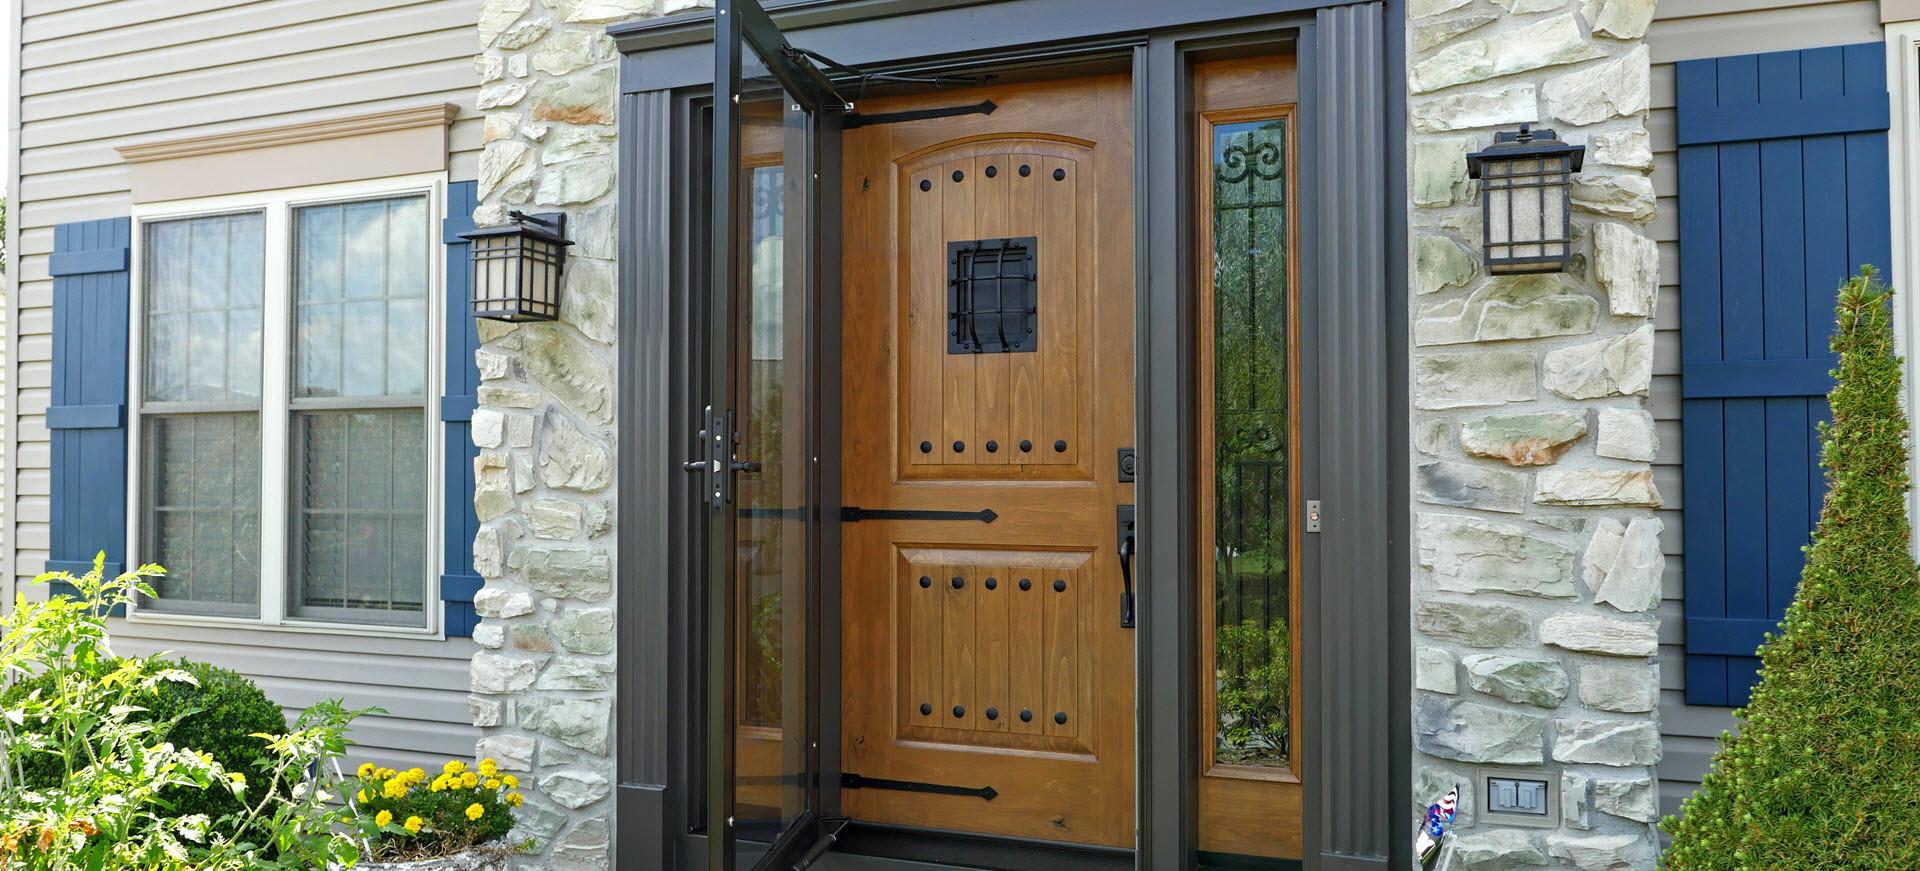 Signet-speakeasy-with-storm-door.jpg